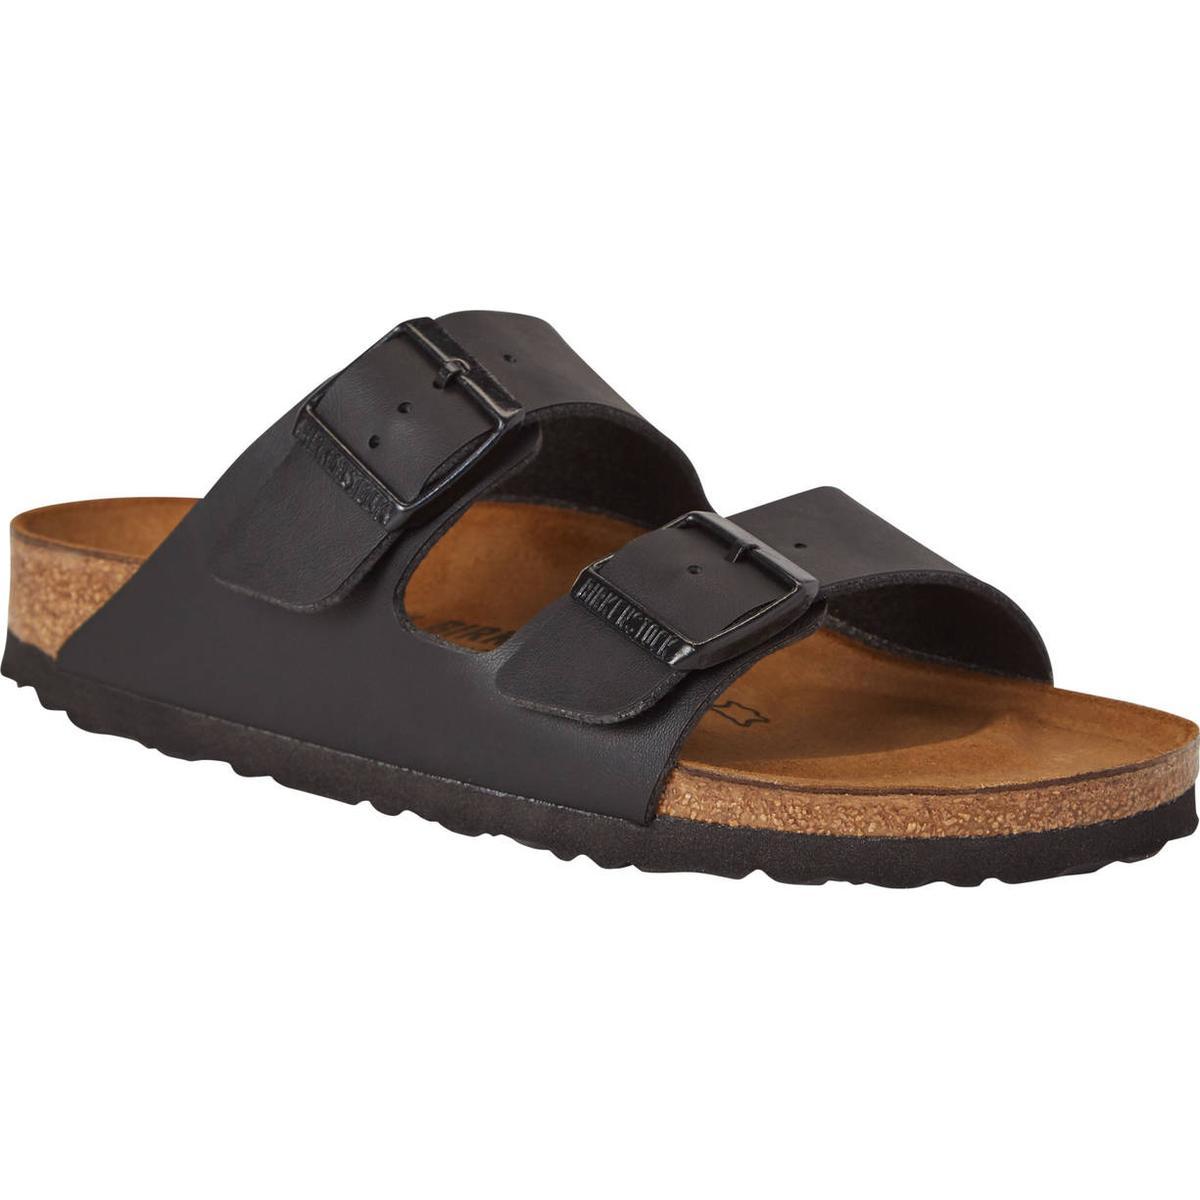 0968d25a50aa Birkenstock sandaler ⇒ Klik og SPAR (+25%) eller mere! - PriceRunner